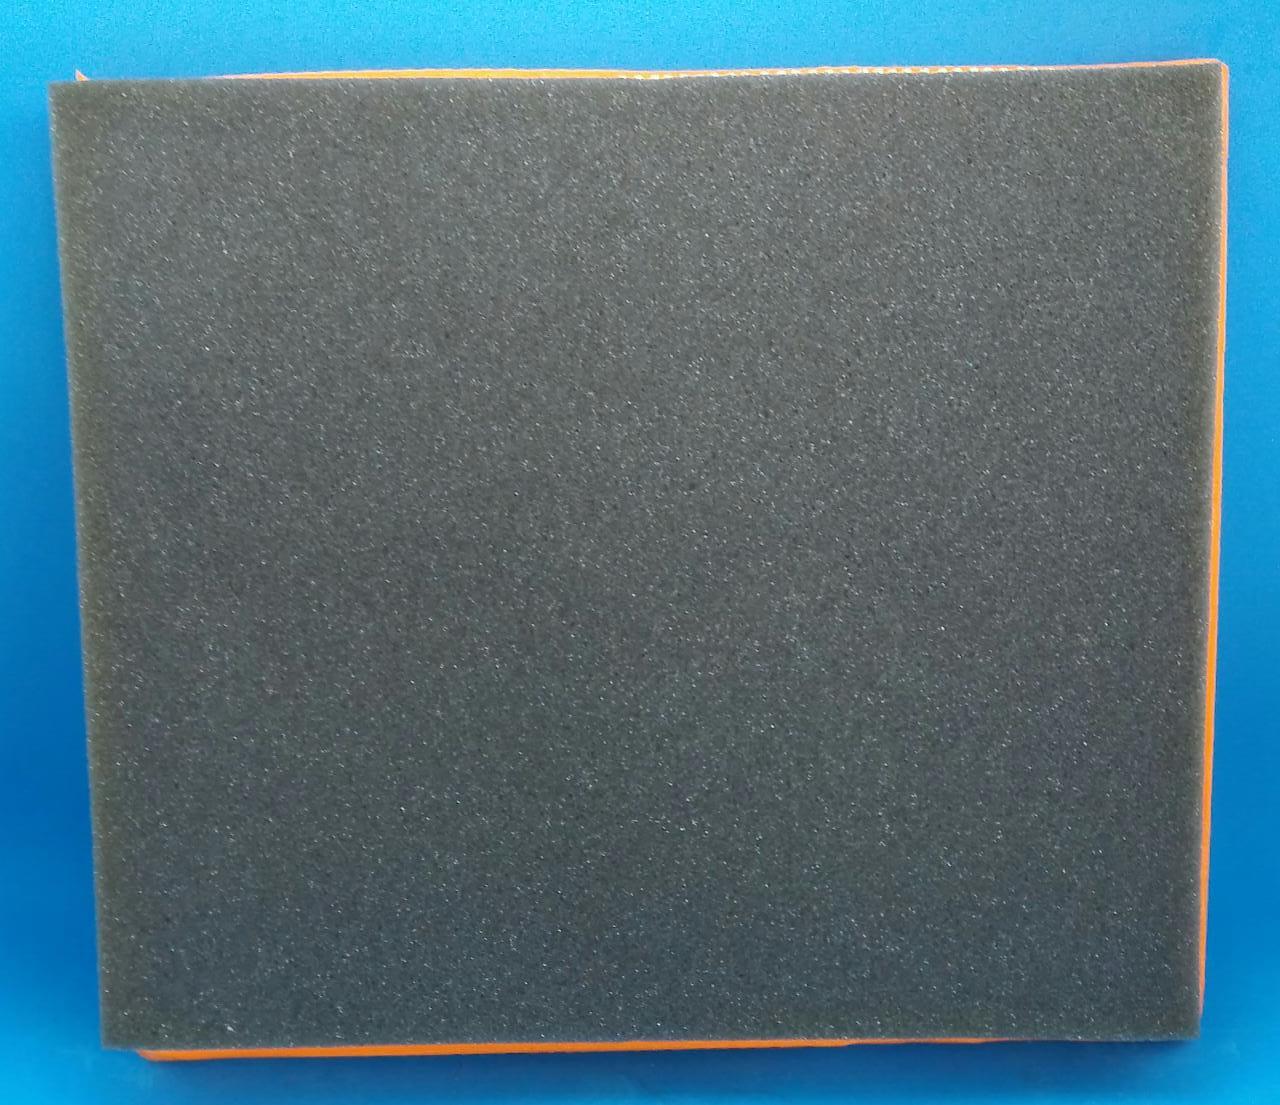 Filtro Ar-Ka-Courier-Filtran-ARL9605